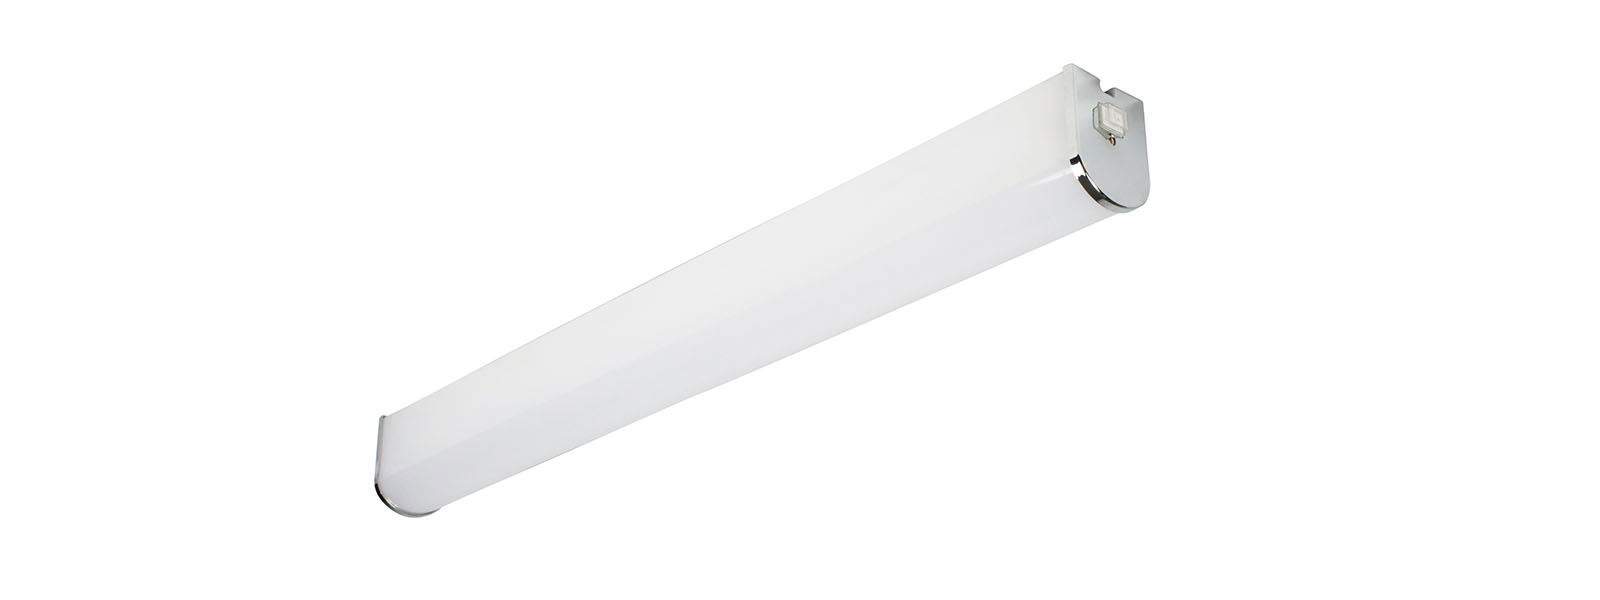 DIVA LED  svidlo pro osvětlení zrcadel v délkách 600mm nebo 900mm